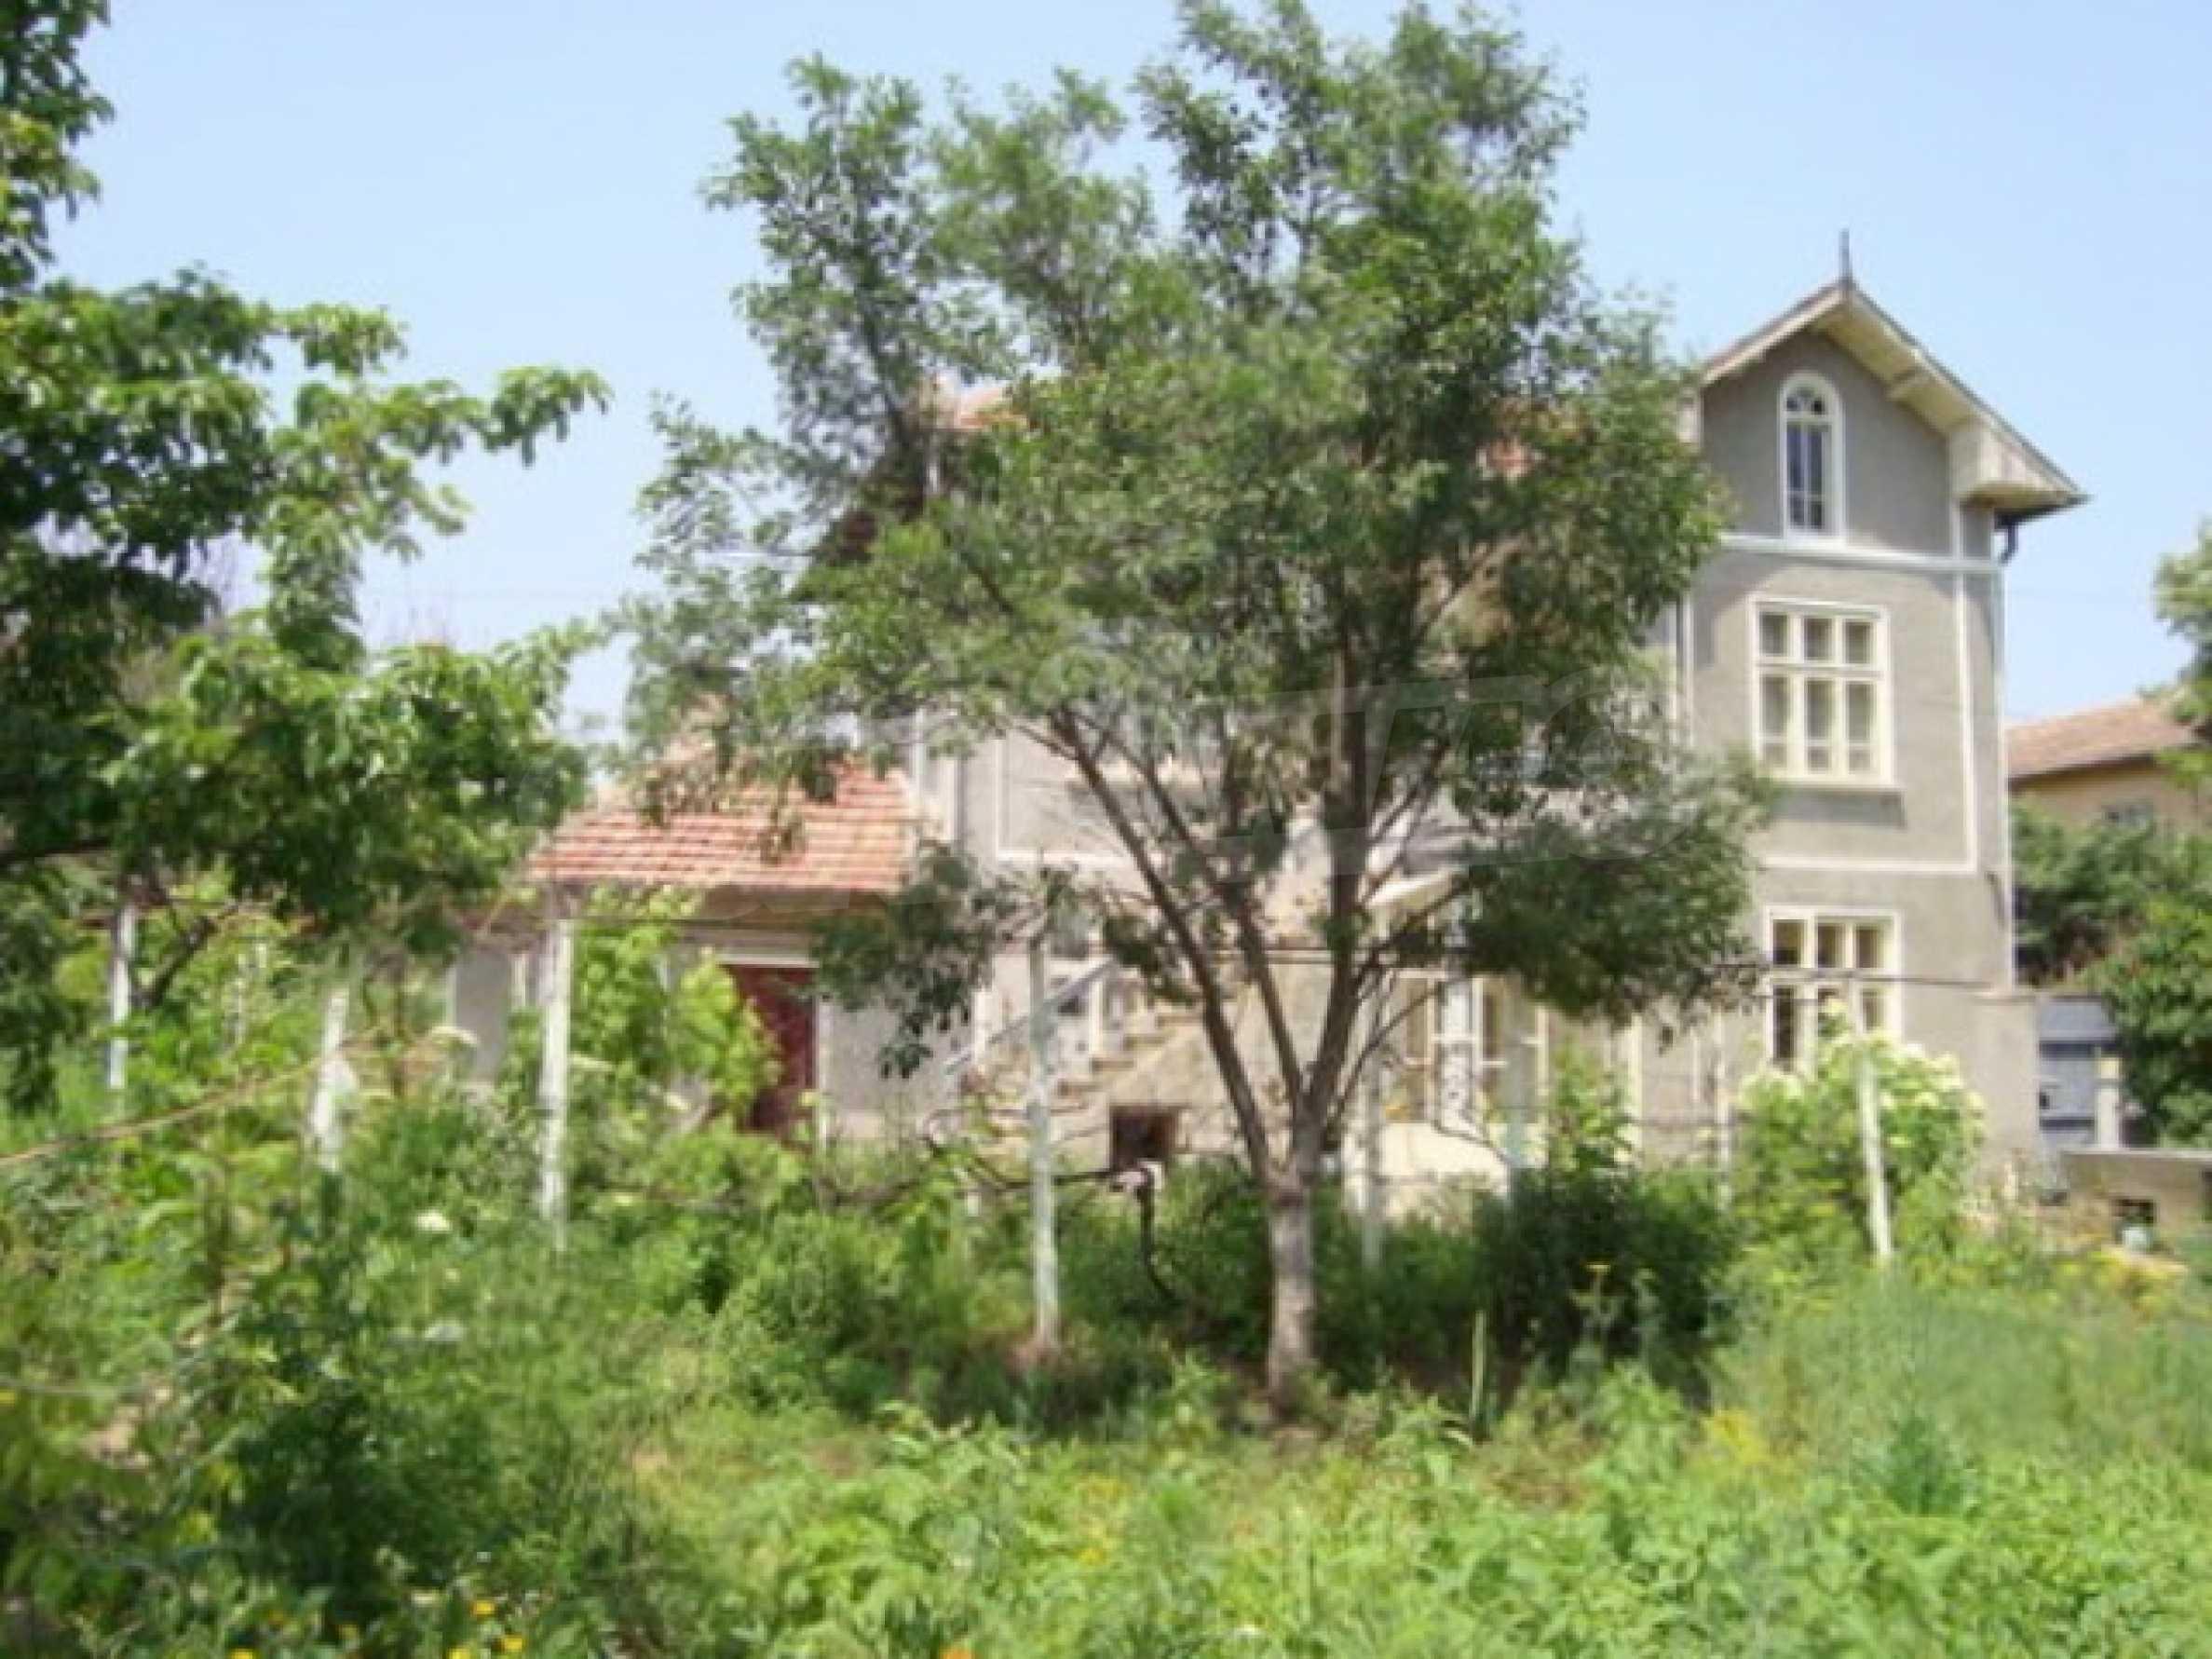 House in the village of Gorna Lipnica, Veliko Tarnovo 21